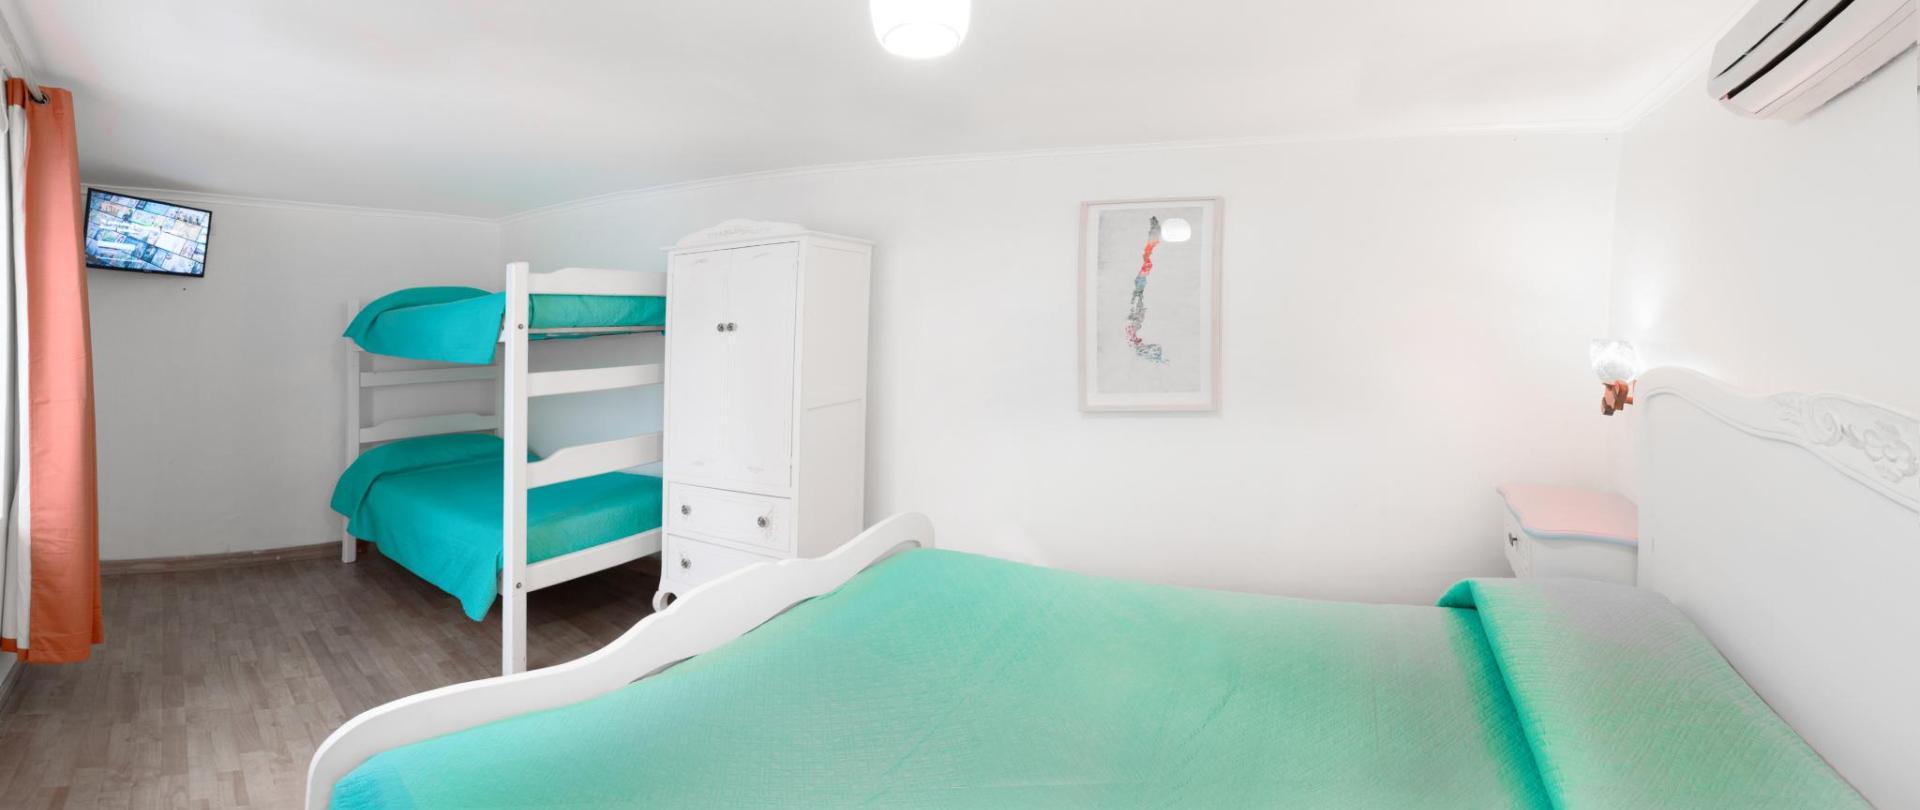 habitaciones-35.jpg